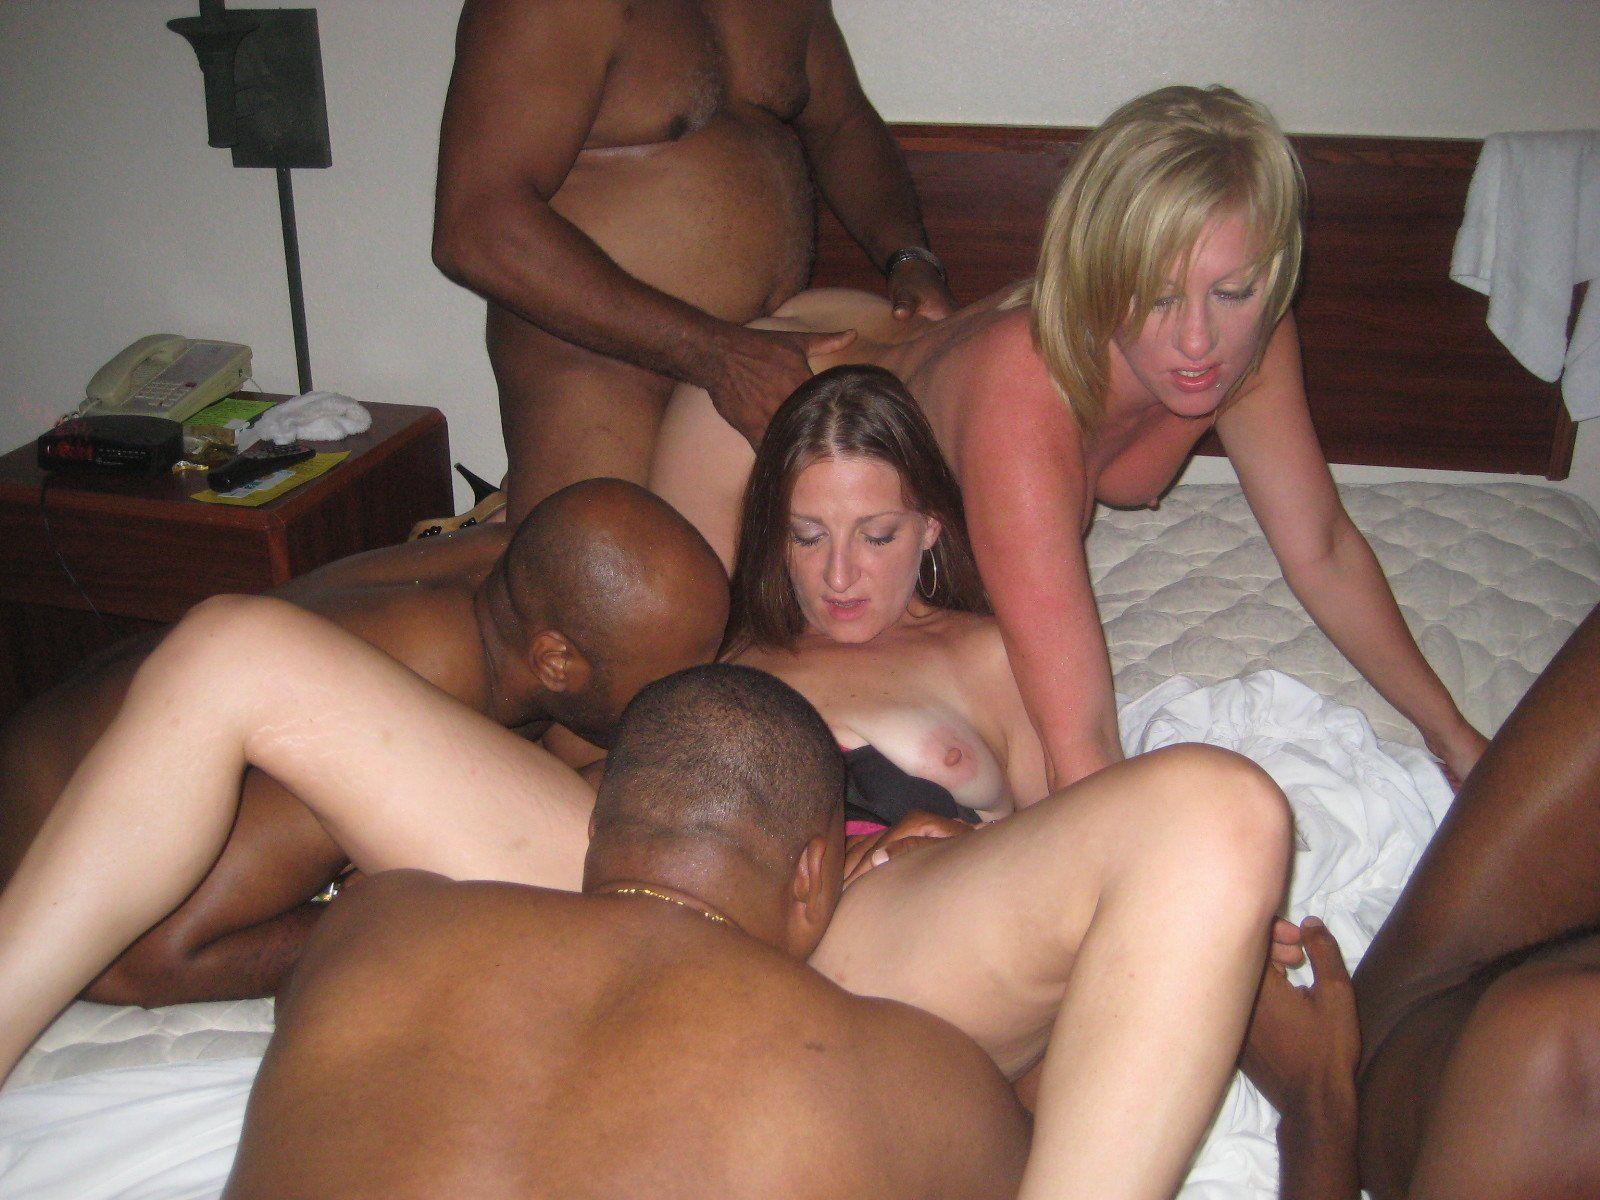 Amateus Porn Married Pics amateur porn orgies . xxx photo.